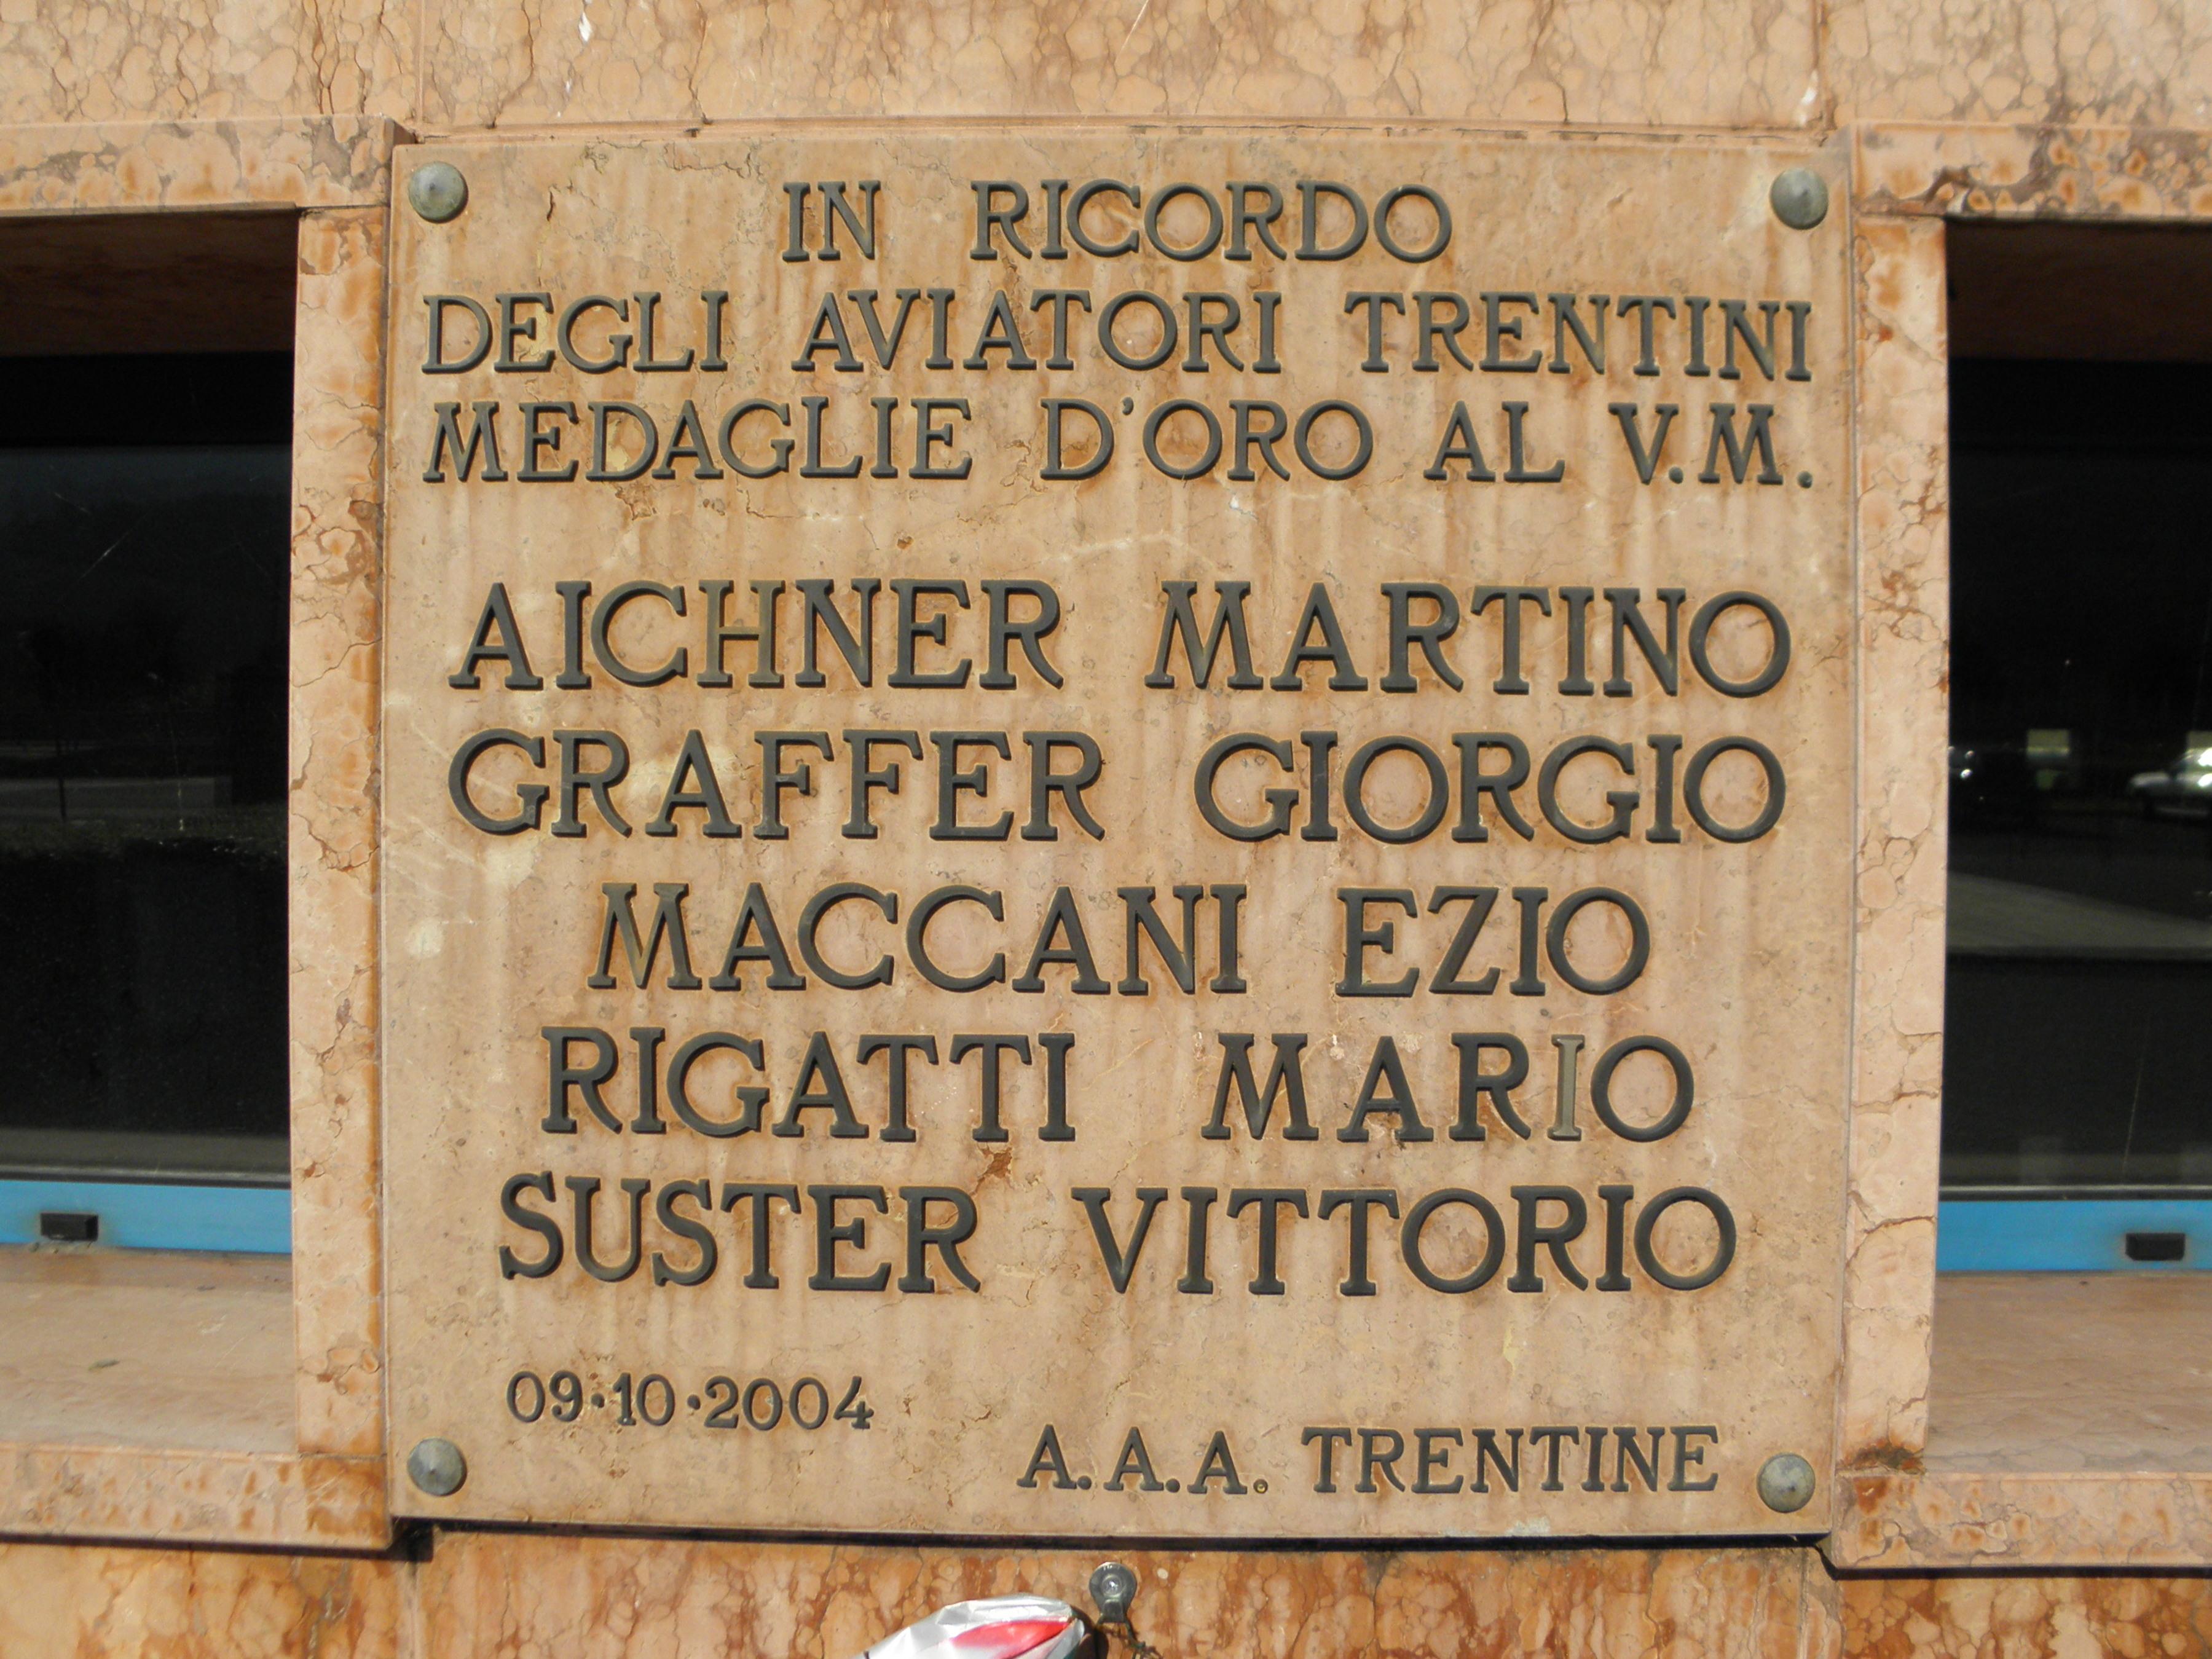 Aeroporto Trento : File aeroporto di trento mattarello gianni caproni lapide